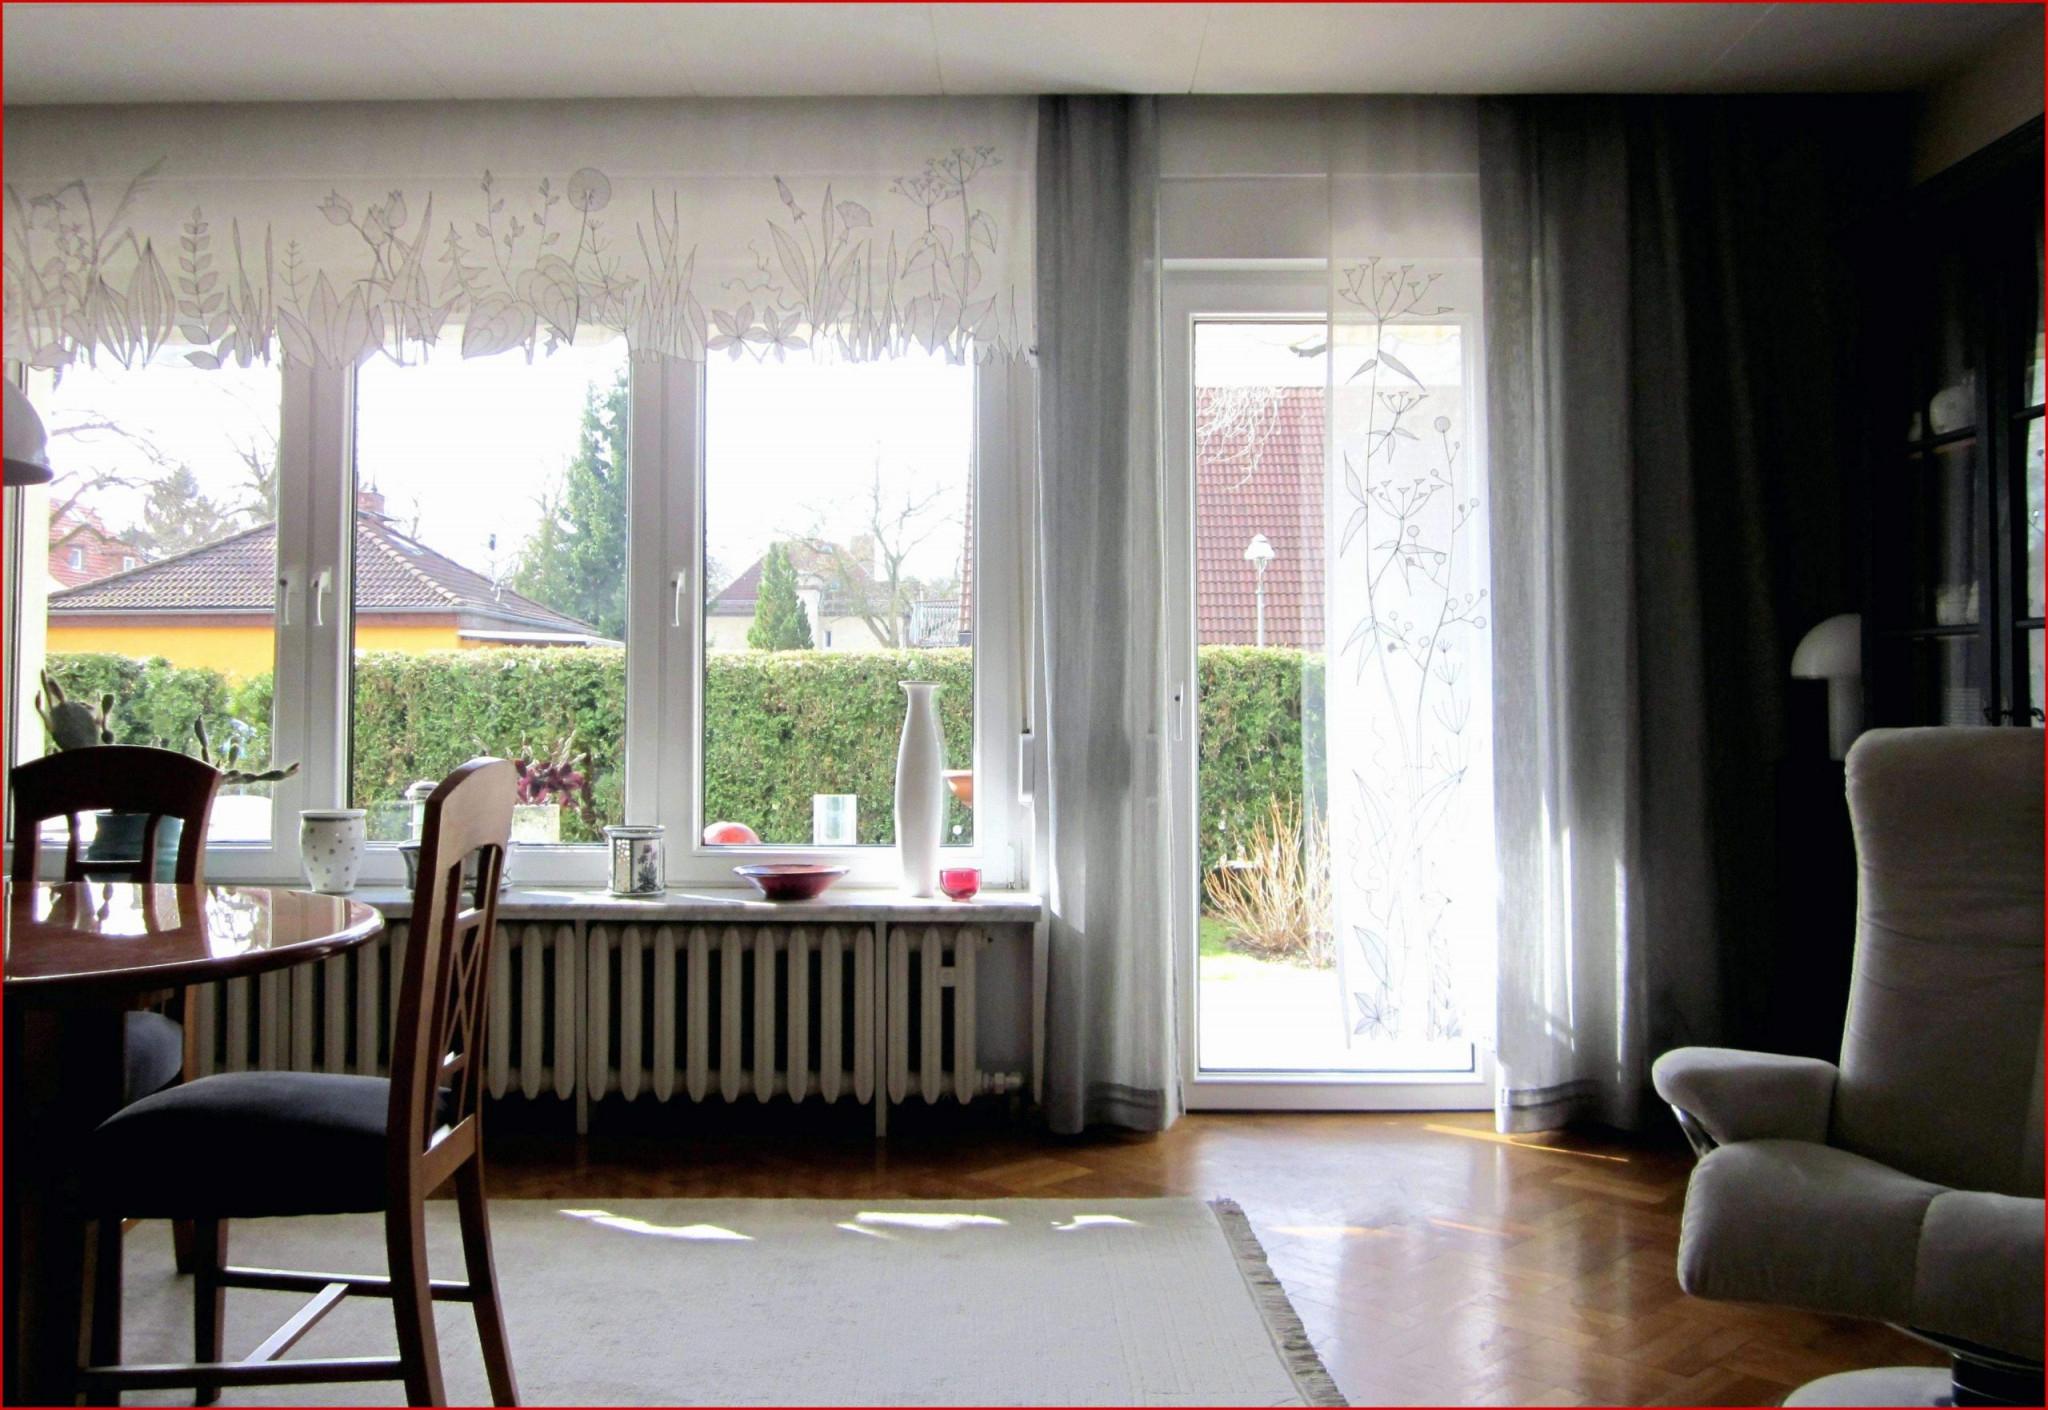 29 Elegant Gardinen Stores Für Wohnzimmer Inspirierend von Stylische Gardinen Wohnzimmer Photo